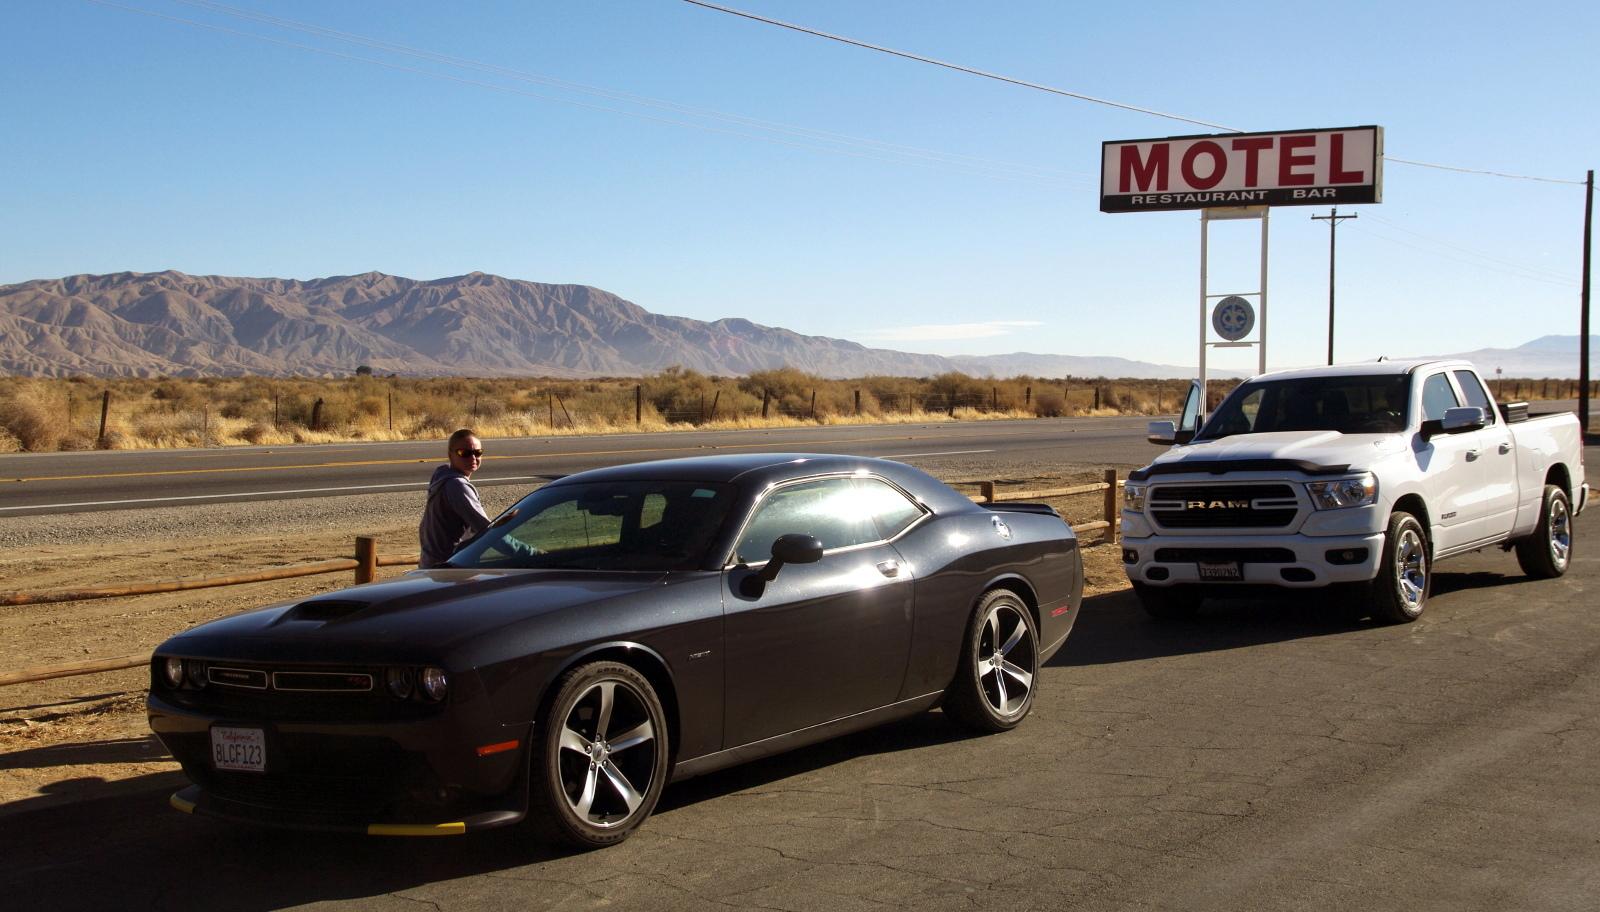 Road Trip / Ouest des USA en Challenger de location -Part II Imgpk260